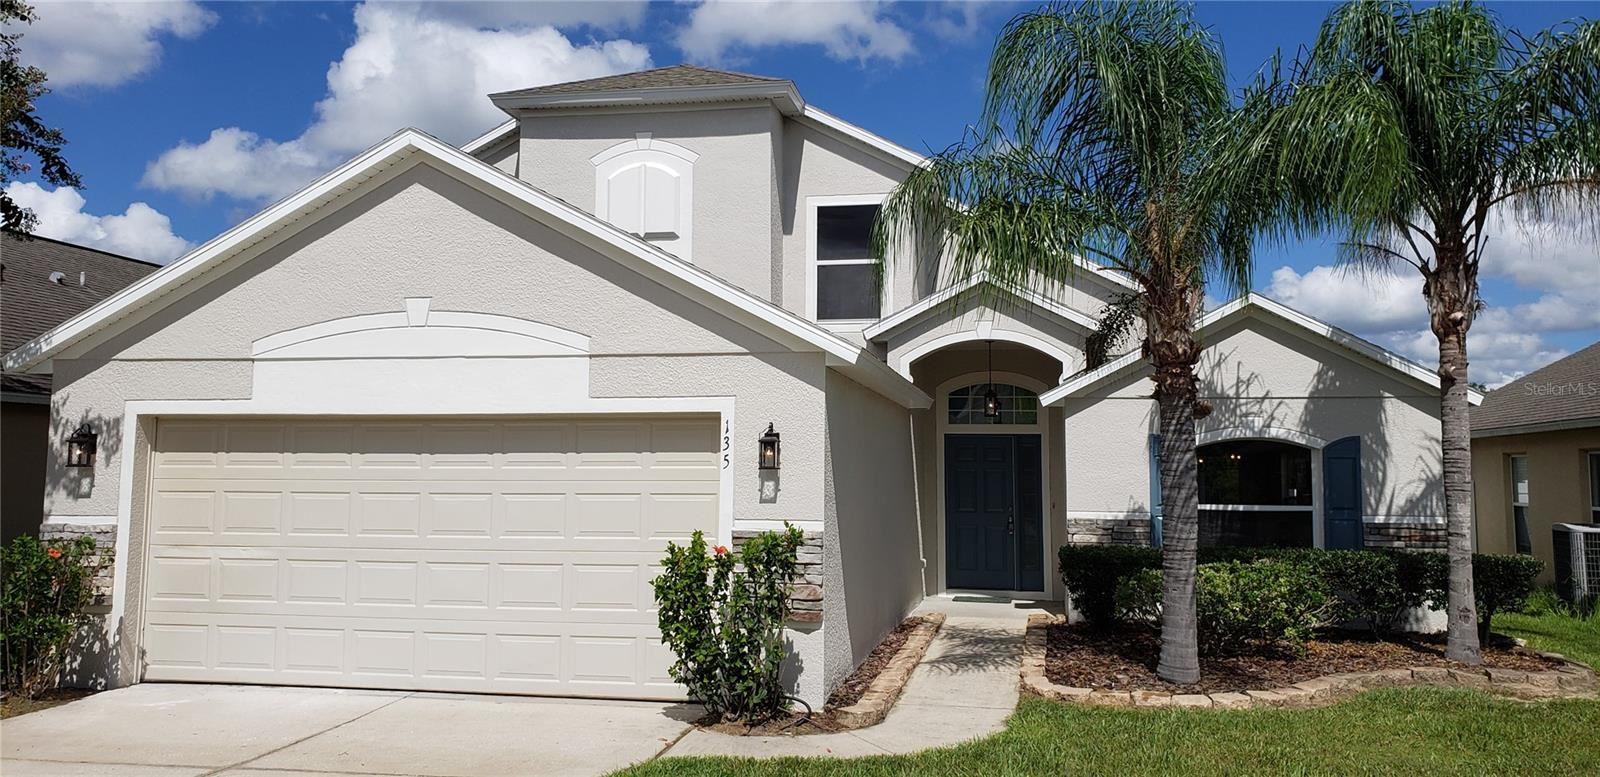 135 PRAIRIE FALCON DRIVE, Groveland, FL 34736 - #: O5965713